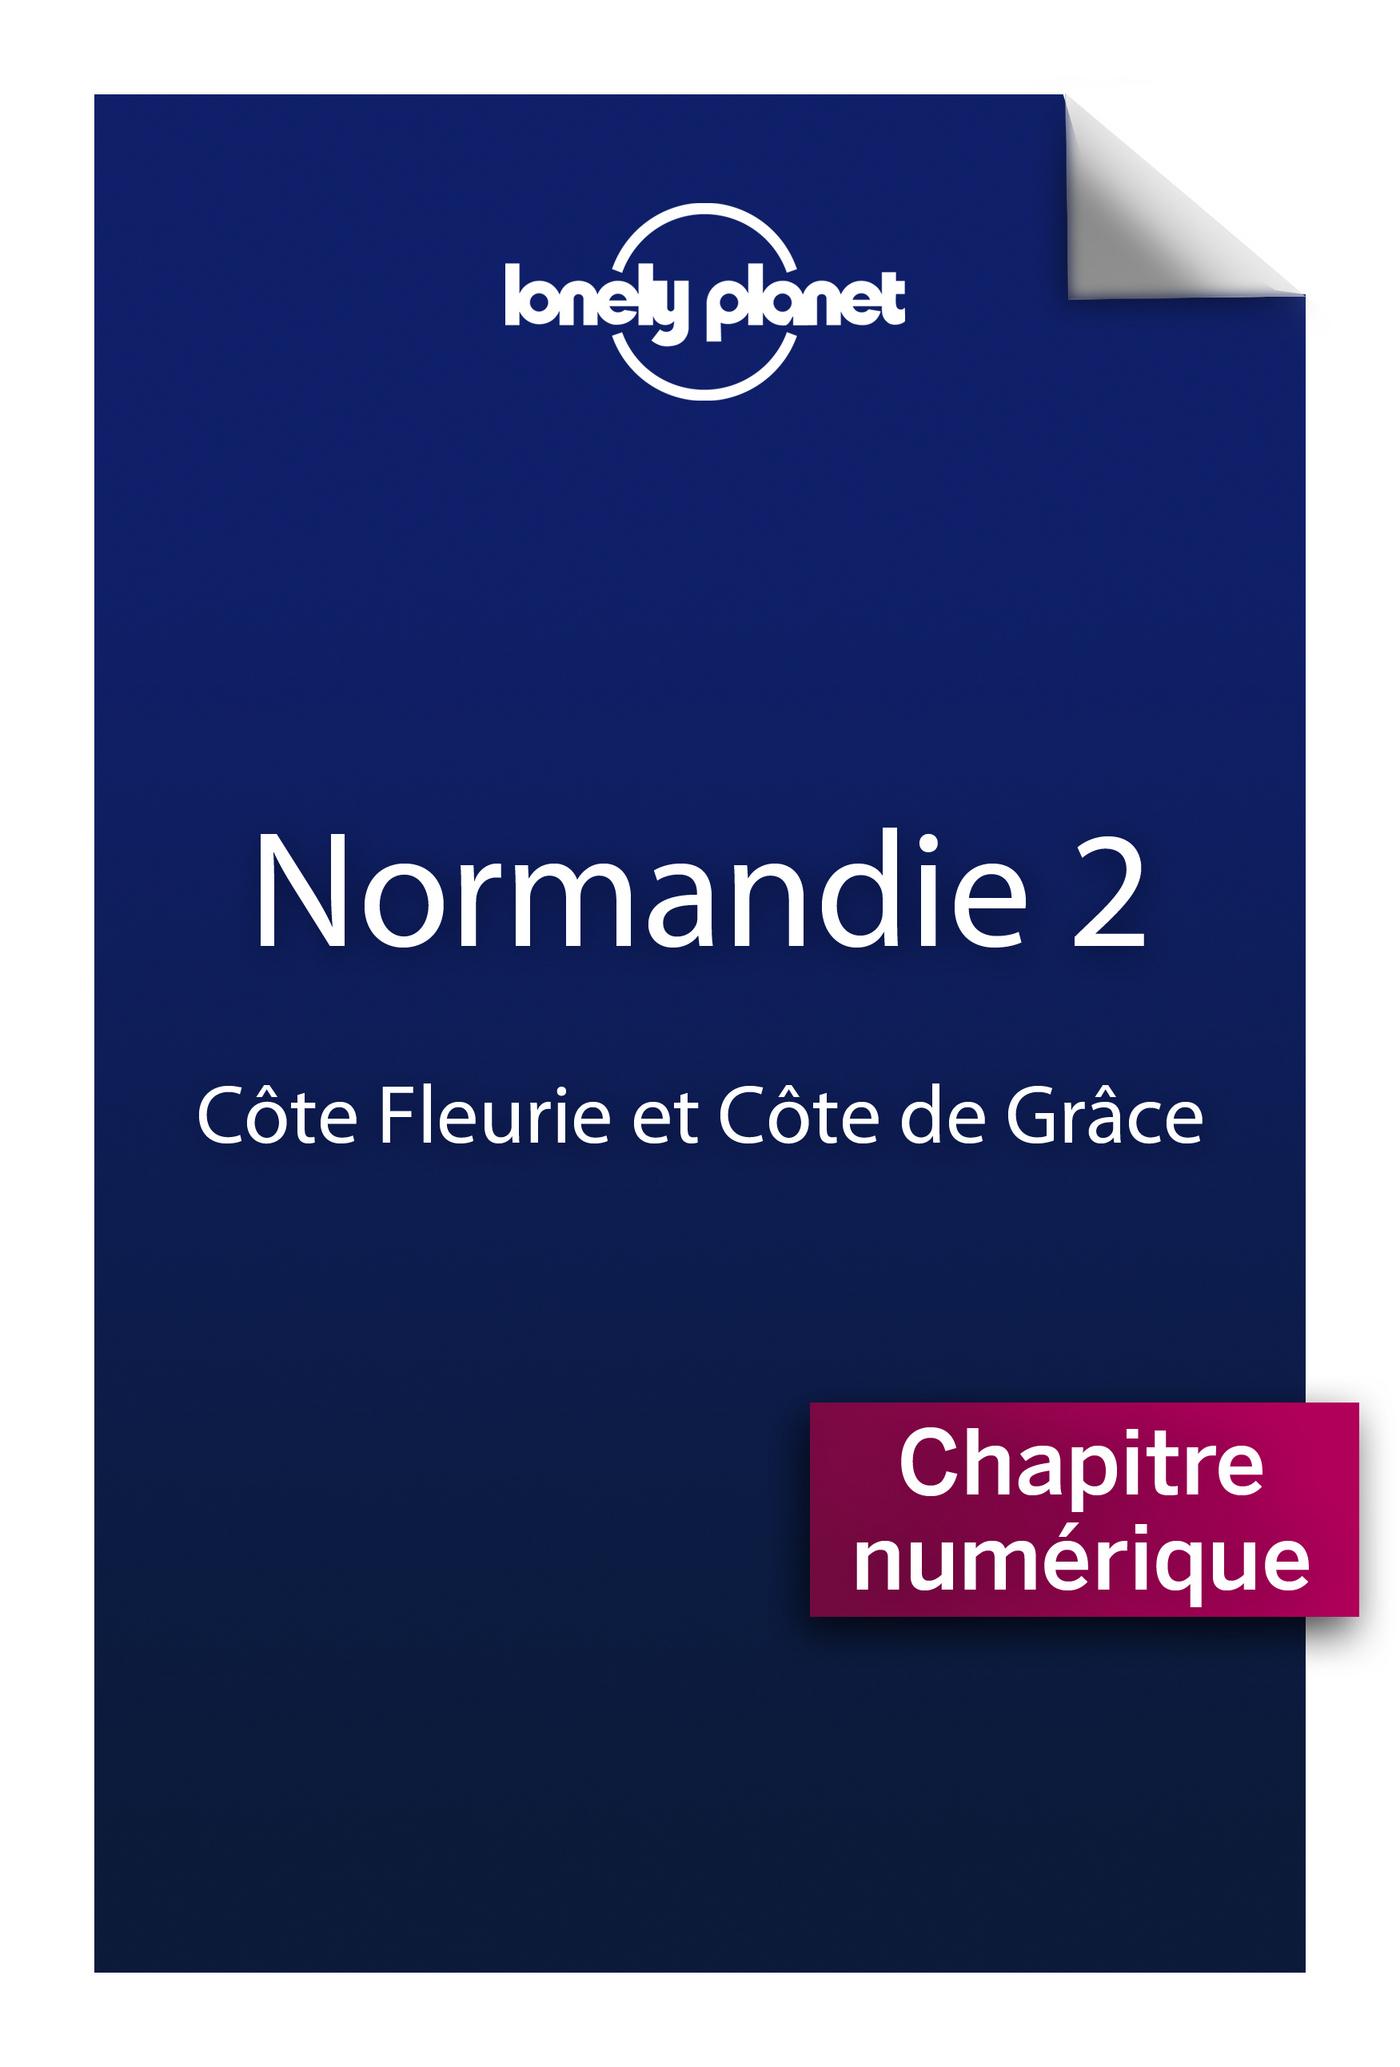 Normandie 2 - Côte Fleurie et Côte de Grâce (ebook)